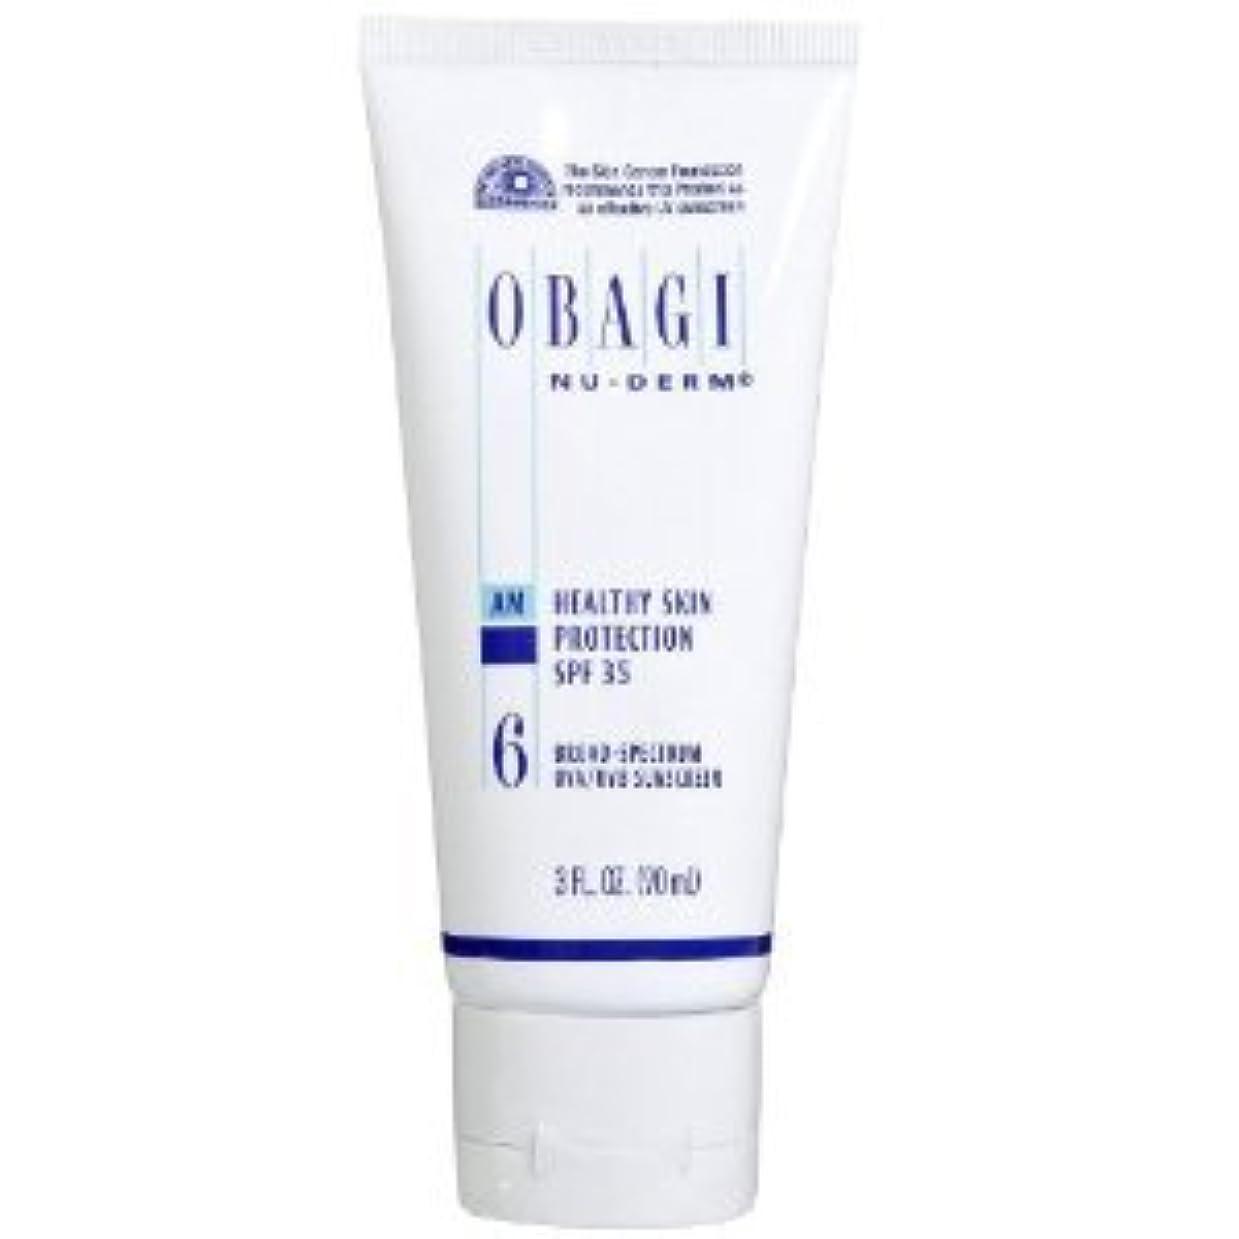 化学薬品谷シネウィオバジ ニューダーム スキンプロテクション サンスクリーン(SPF35) Obagi Nu-Derm Healthy Skin Protection SPF 35 Sunscreens